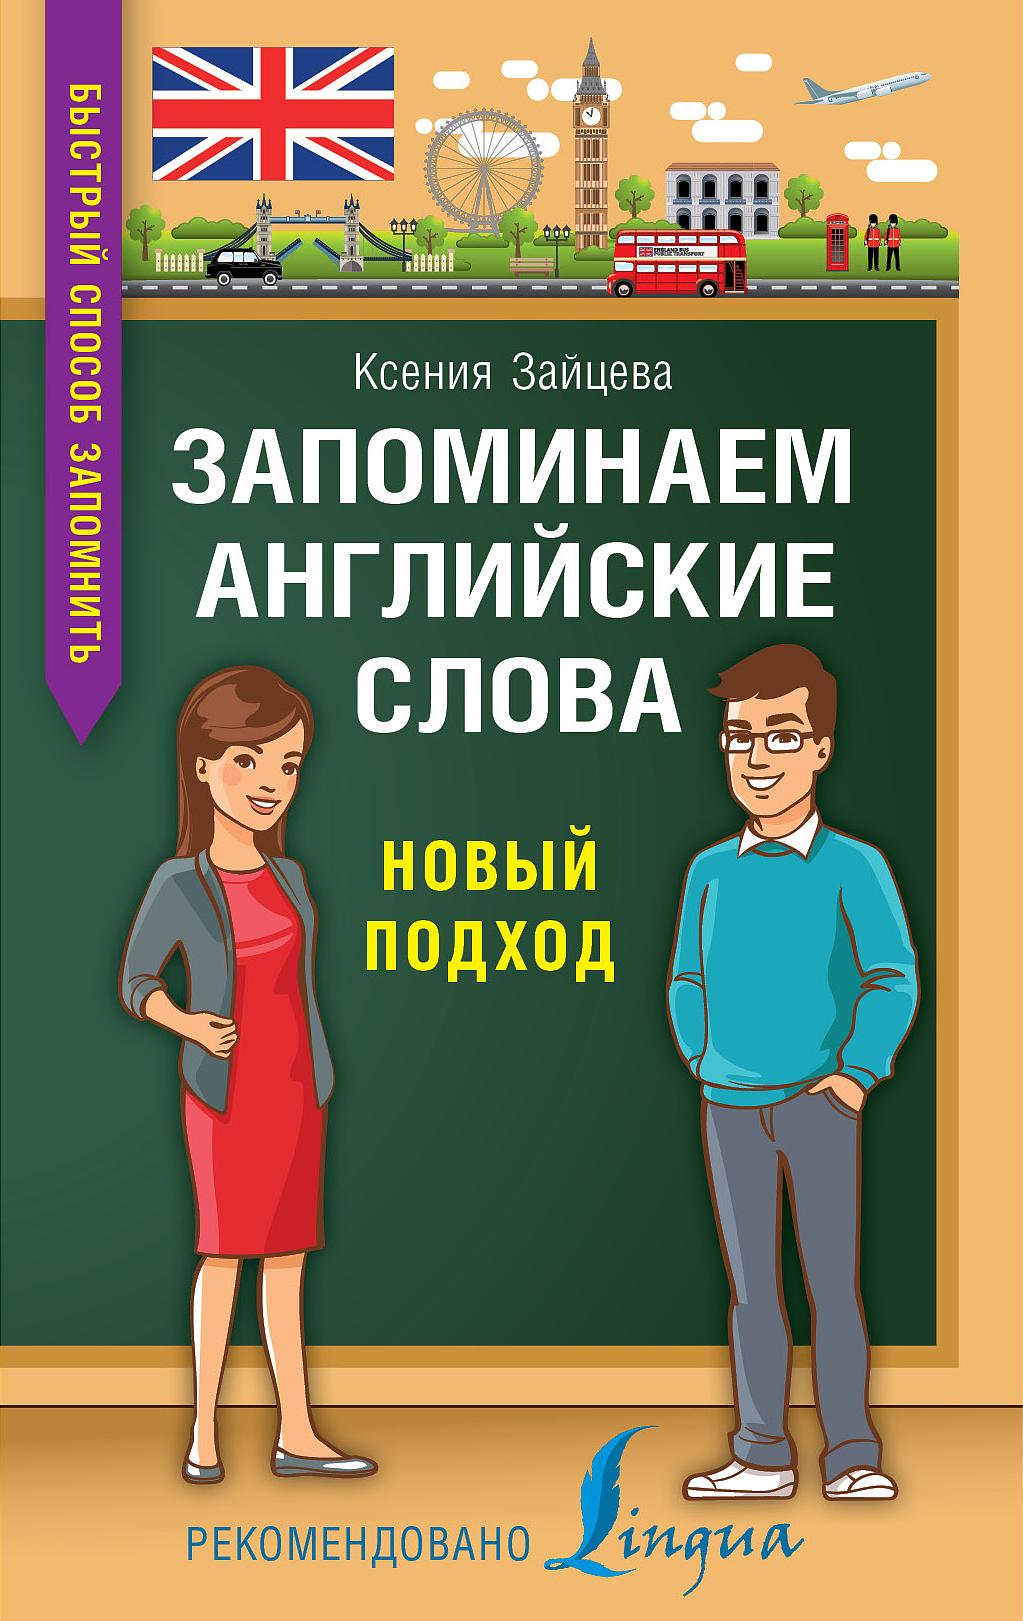 Ксения Зайцева Запоминаем английские слова. Новый подход ксения зайцева запоминаем английские слова новый подход